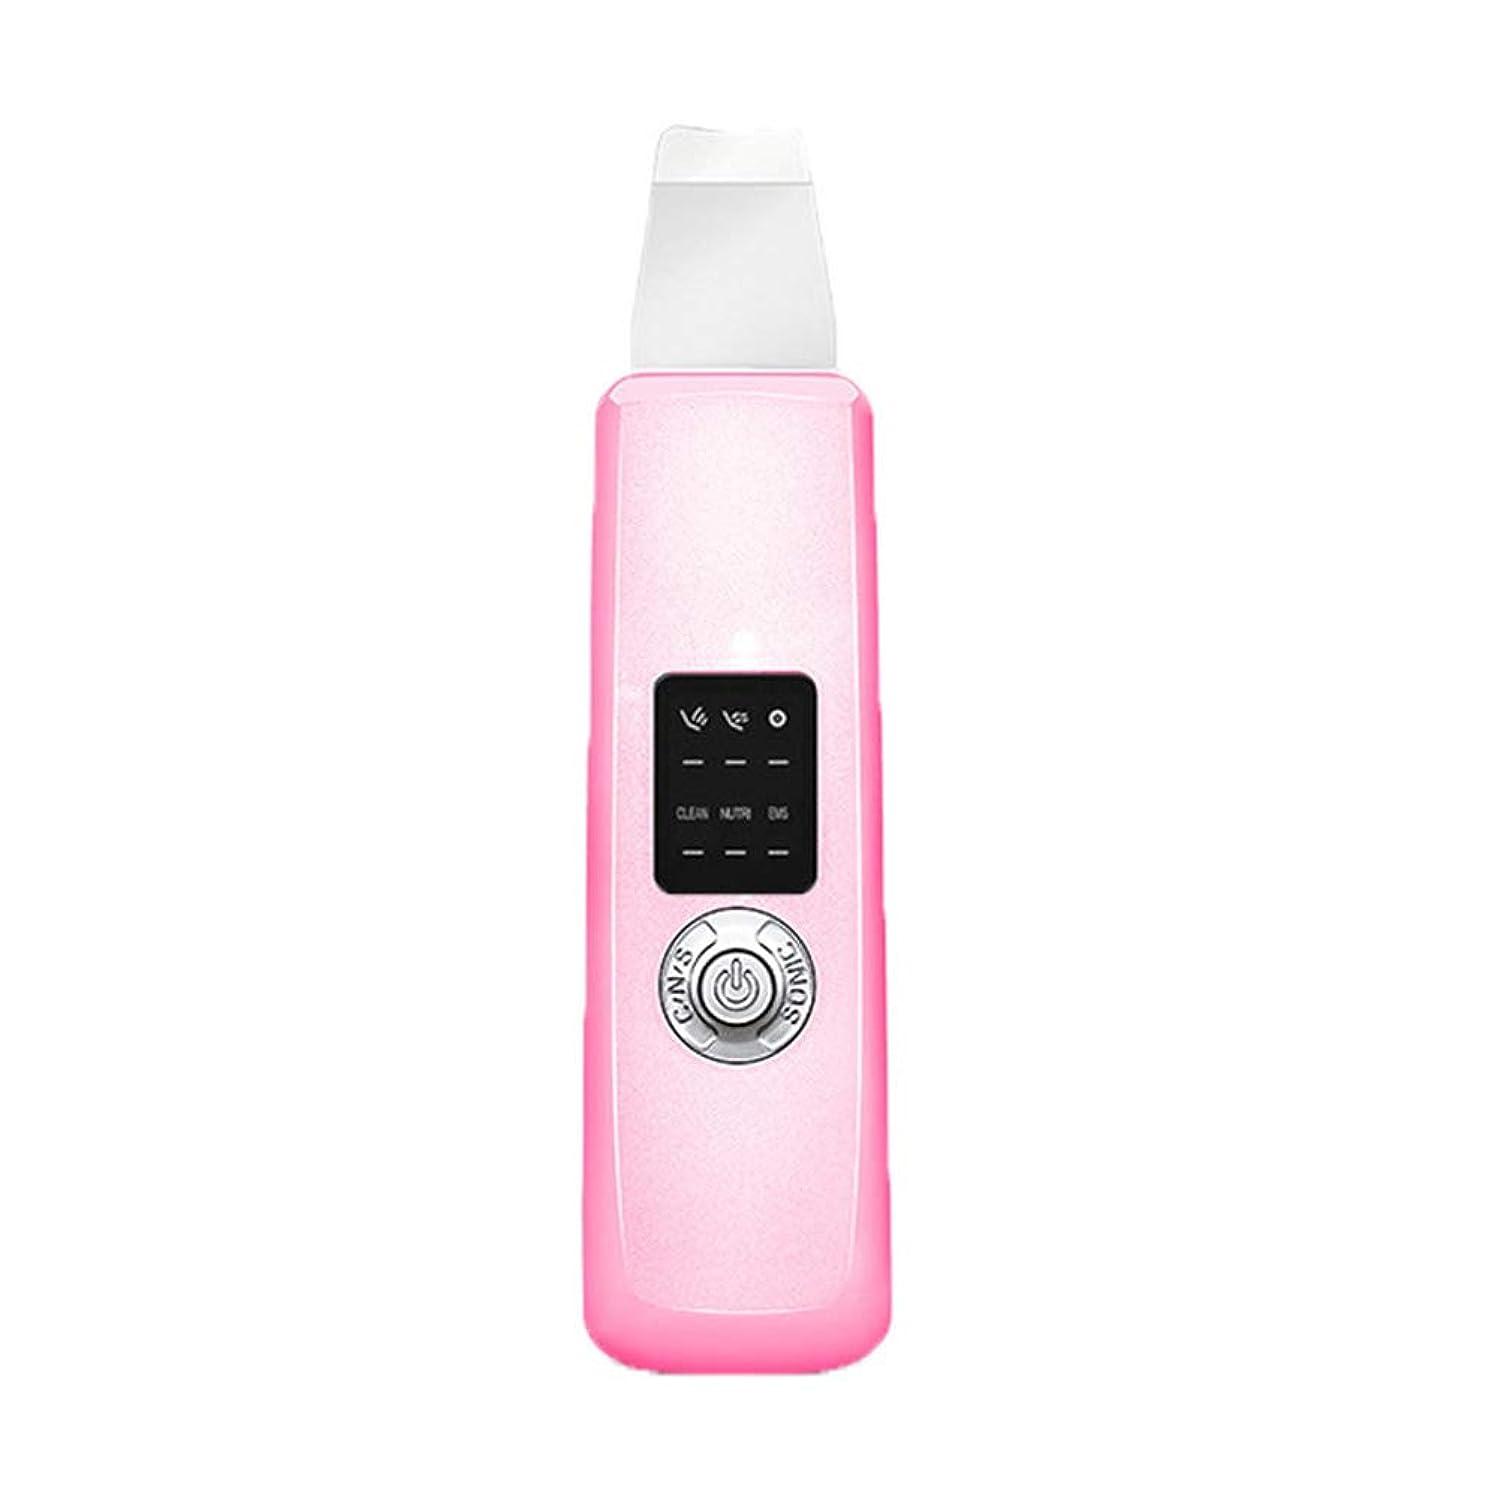 細断きらめきプロフィールにきび除去剤、にきび毛穴クリーナーにきびに電気吸引ブラックヘッドアーティファクト電子美容洗剤,ピンク